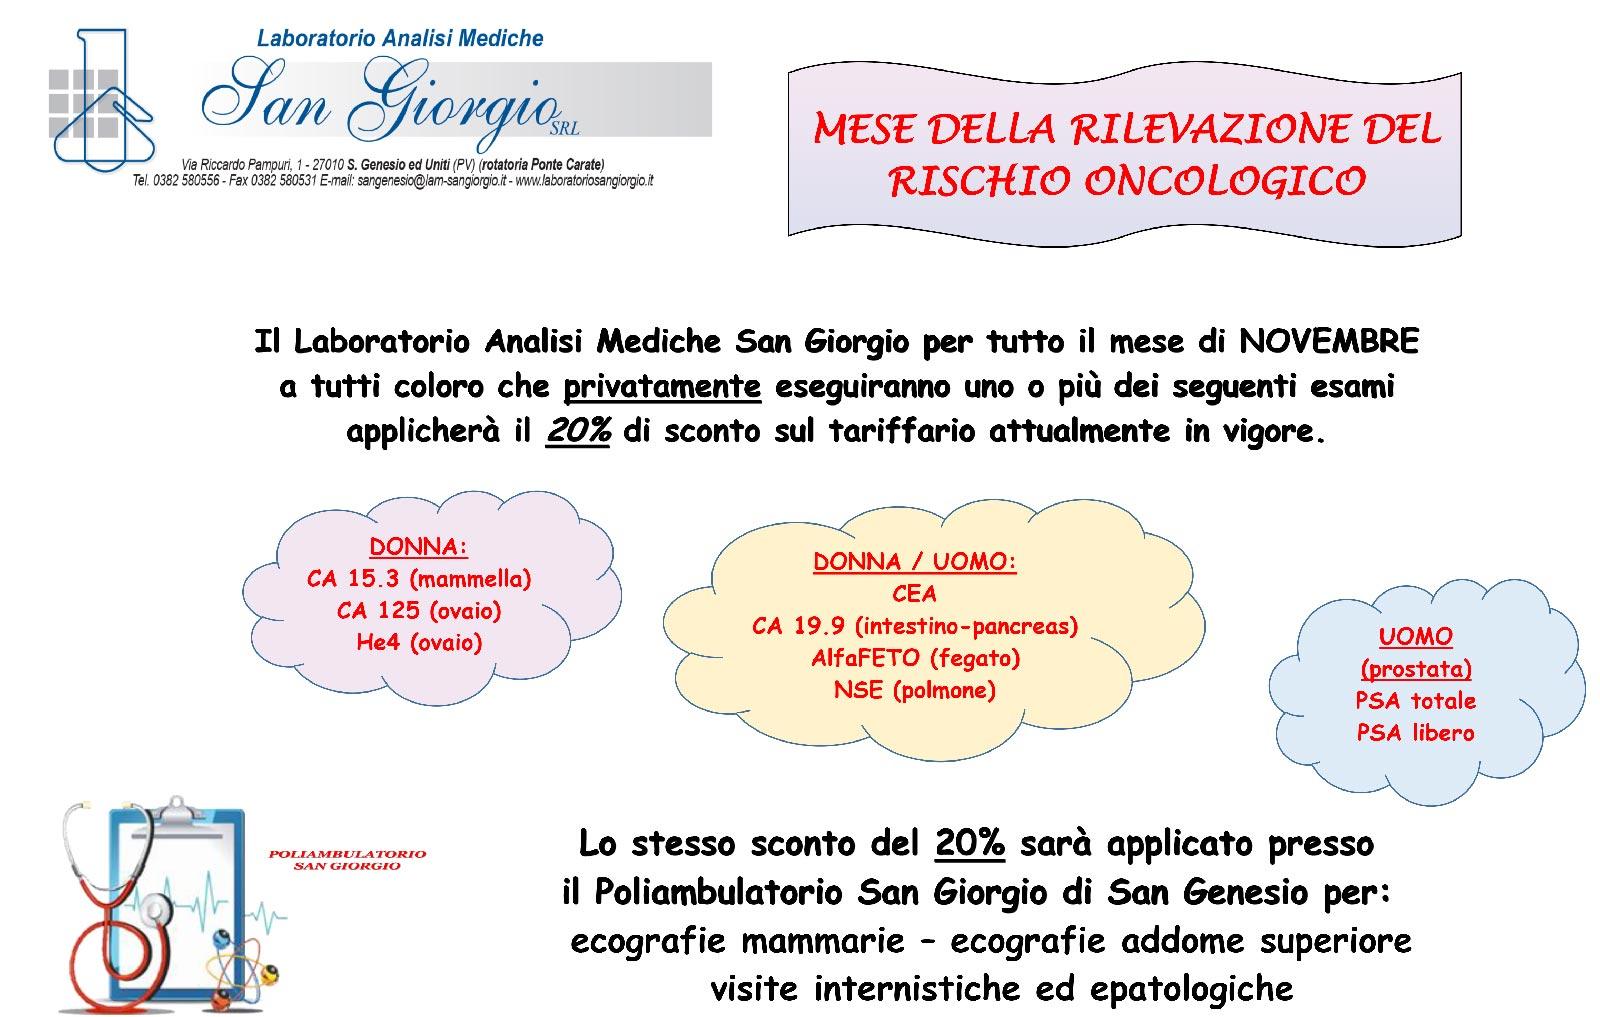 articoli-san-genesio-uniti-laboratorio-analisi-mediche-san-giorgio-mese-rischio-oncologico